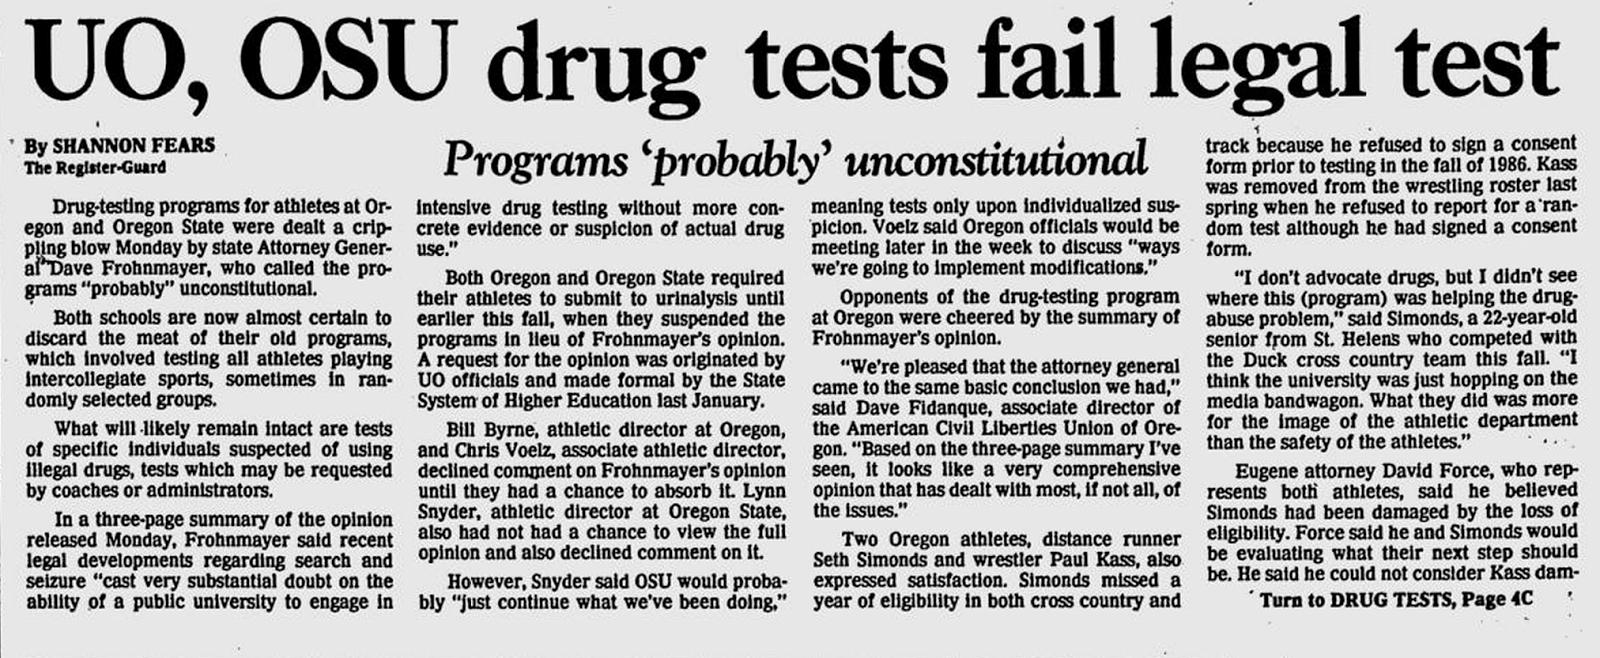 persuasive essay on drug testing student athletes 91 121 113 106 persuasive essay on drug testing student athletes